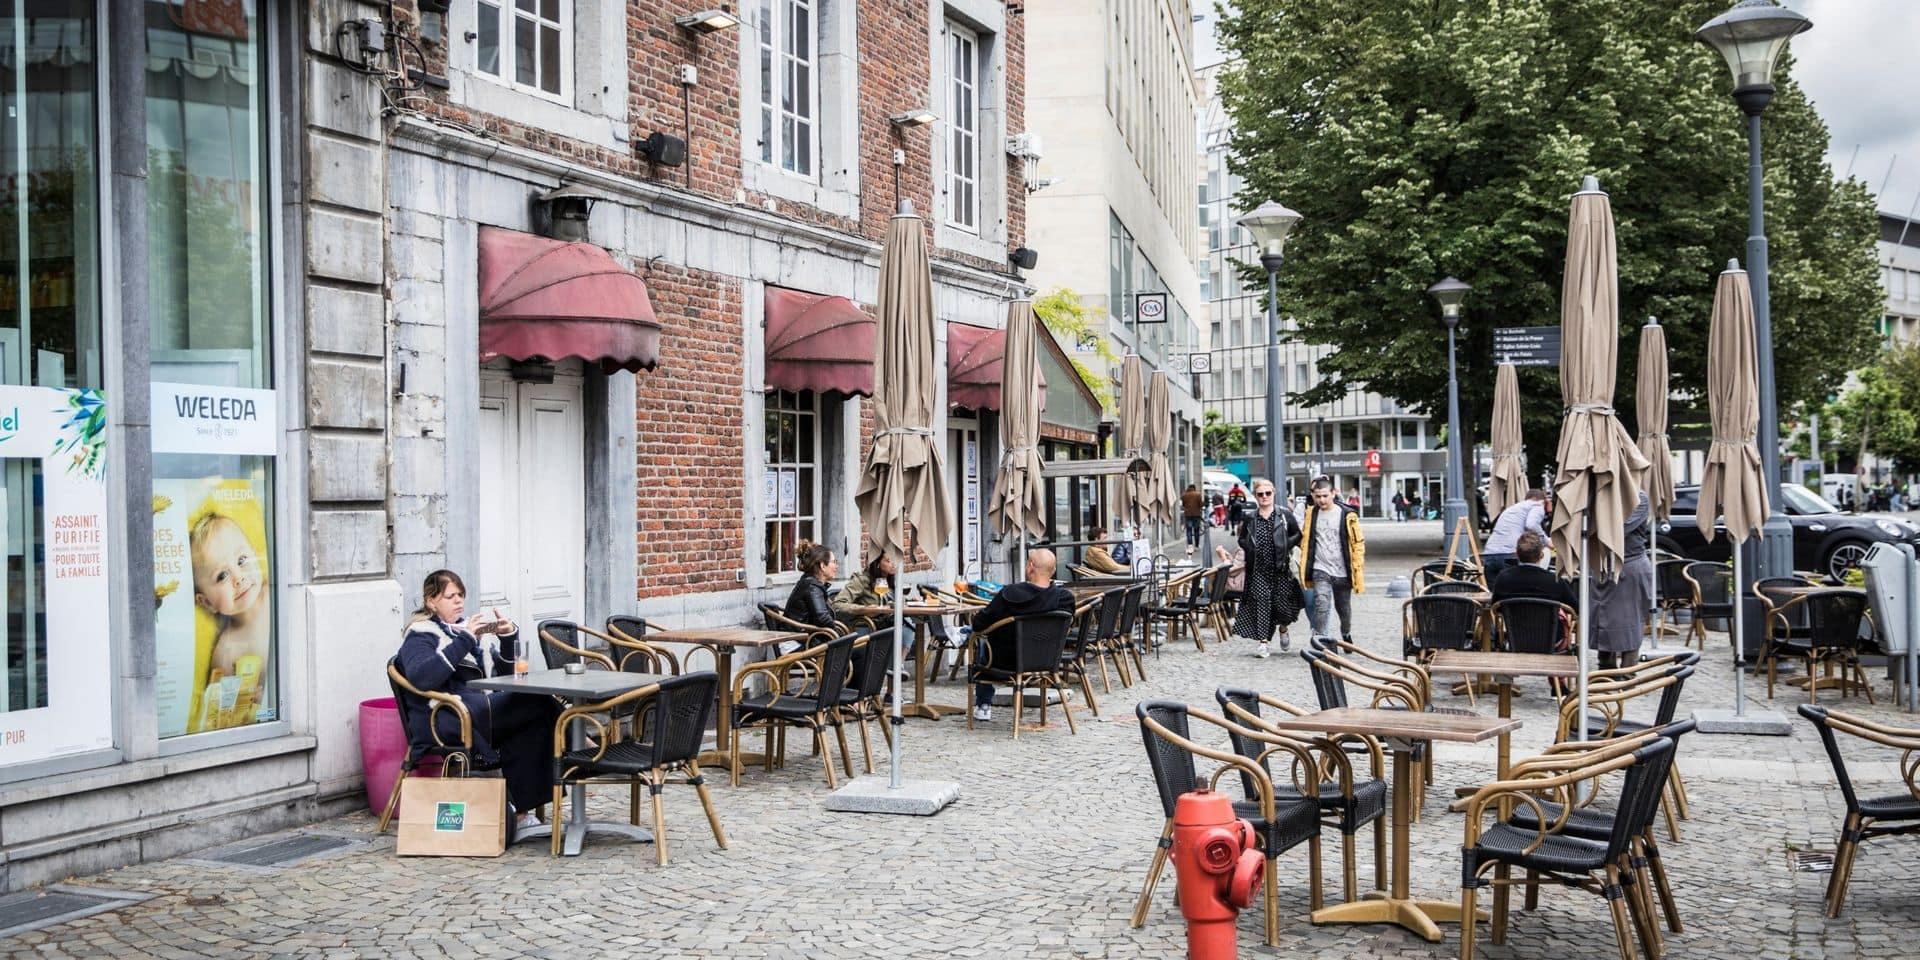 Week-end du 15 août à Liège: treize établissements horeca verbalisés